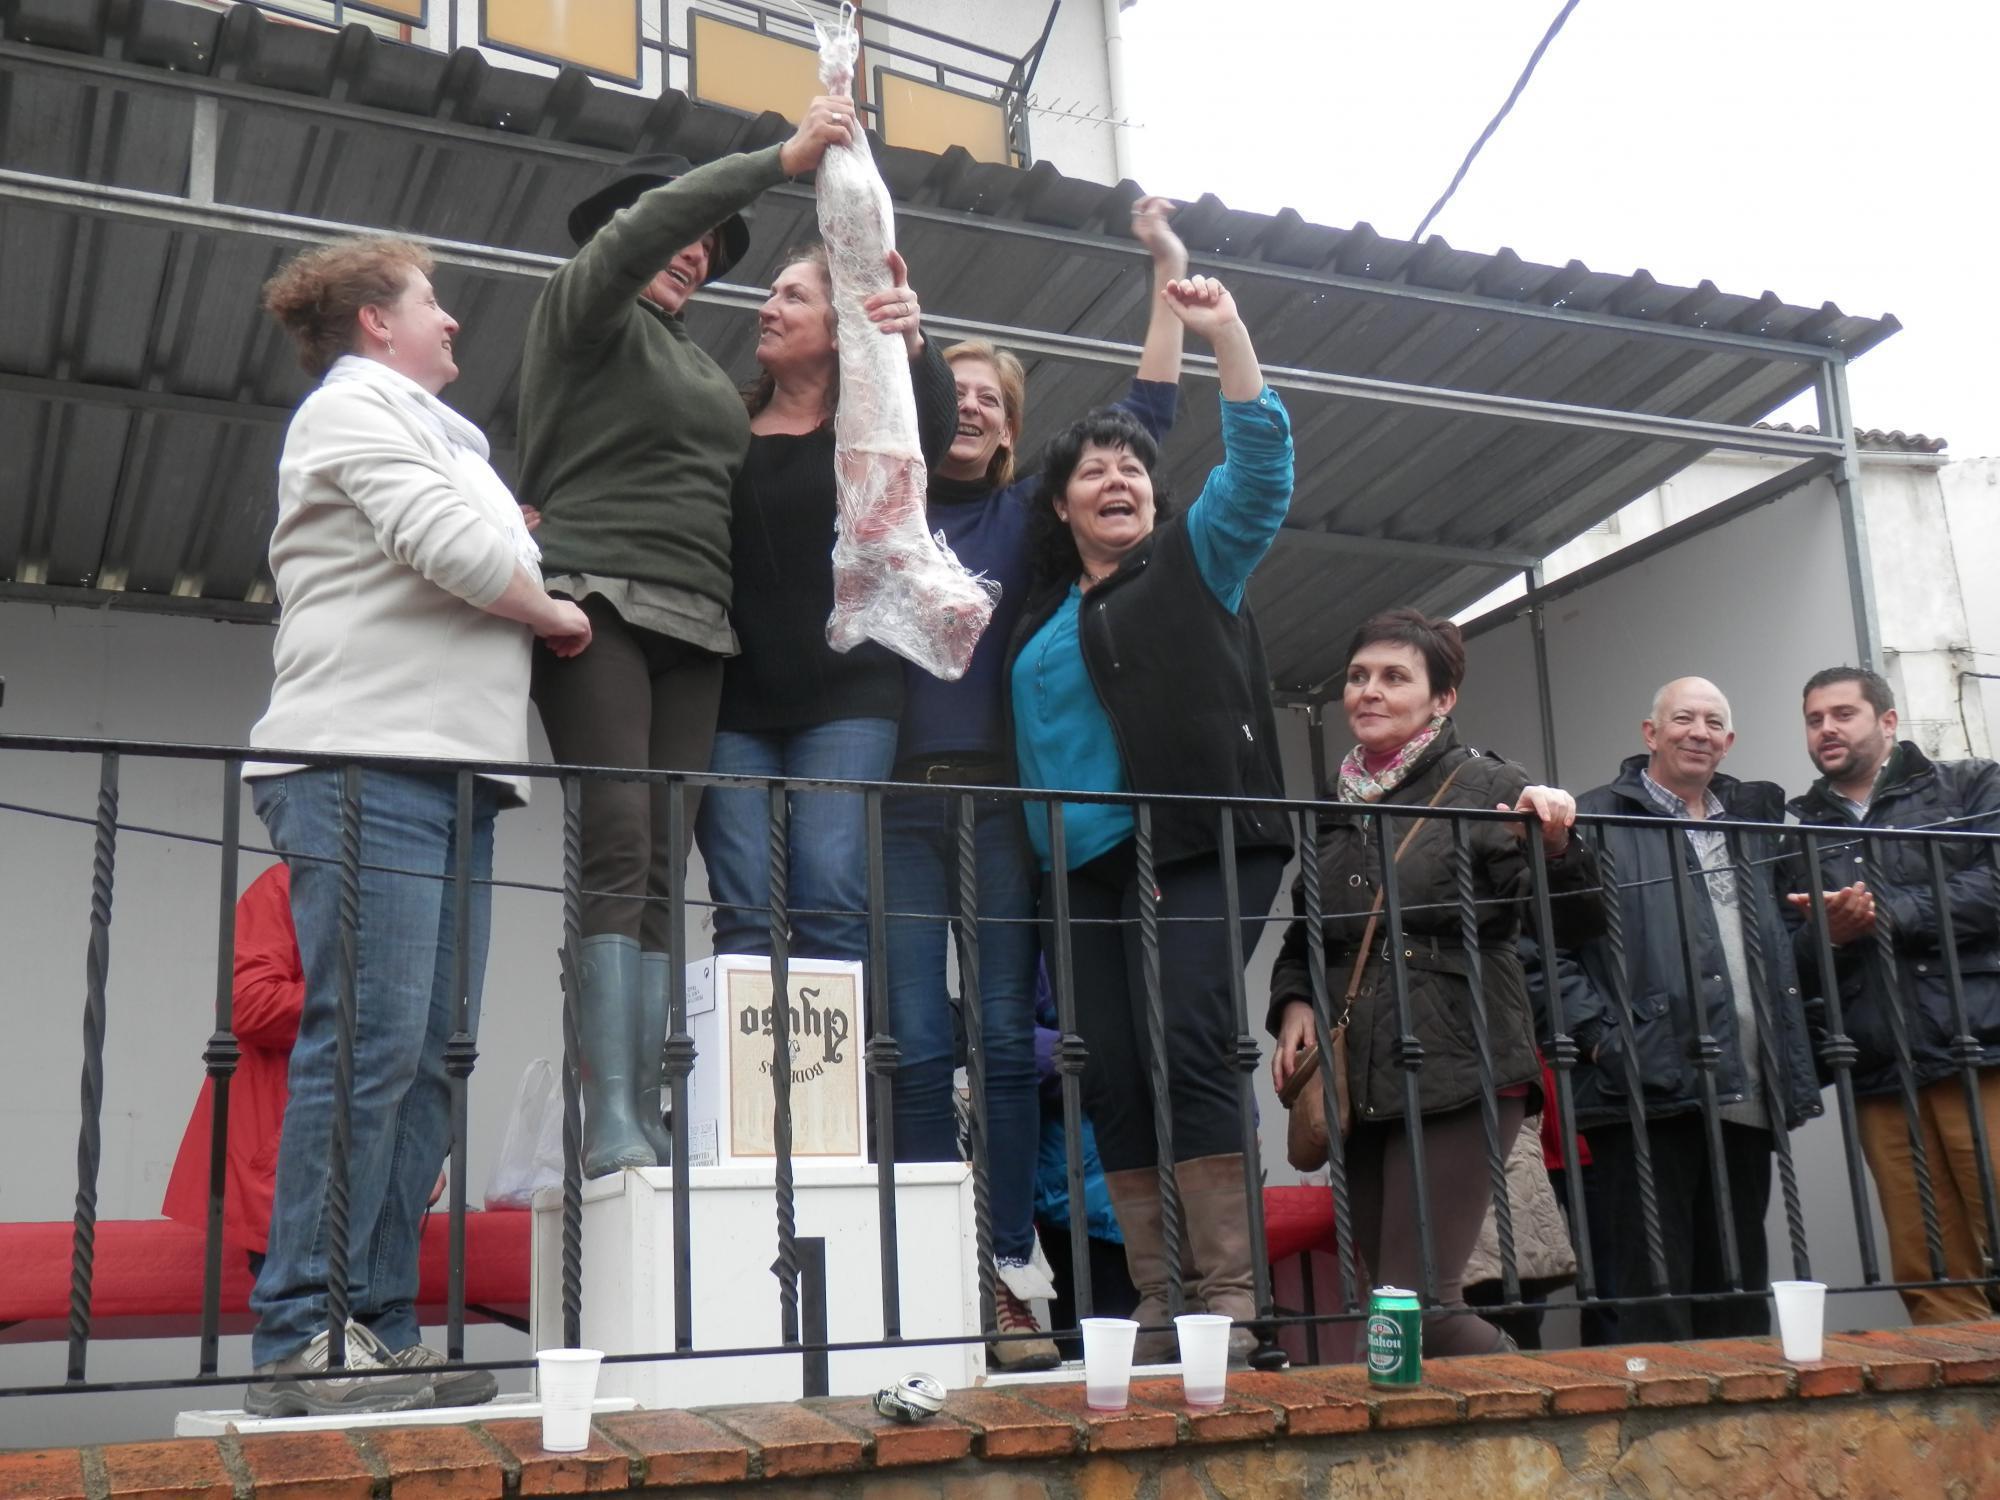 Mayte Ramos y Tere Leganés, ganadoras del XXXV Concurso de la Fiesta de las Migas de Jadraque